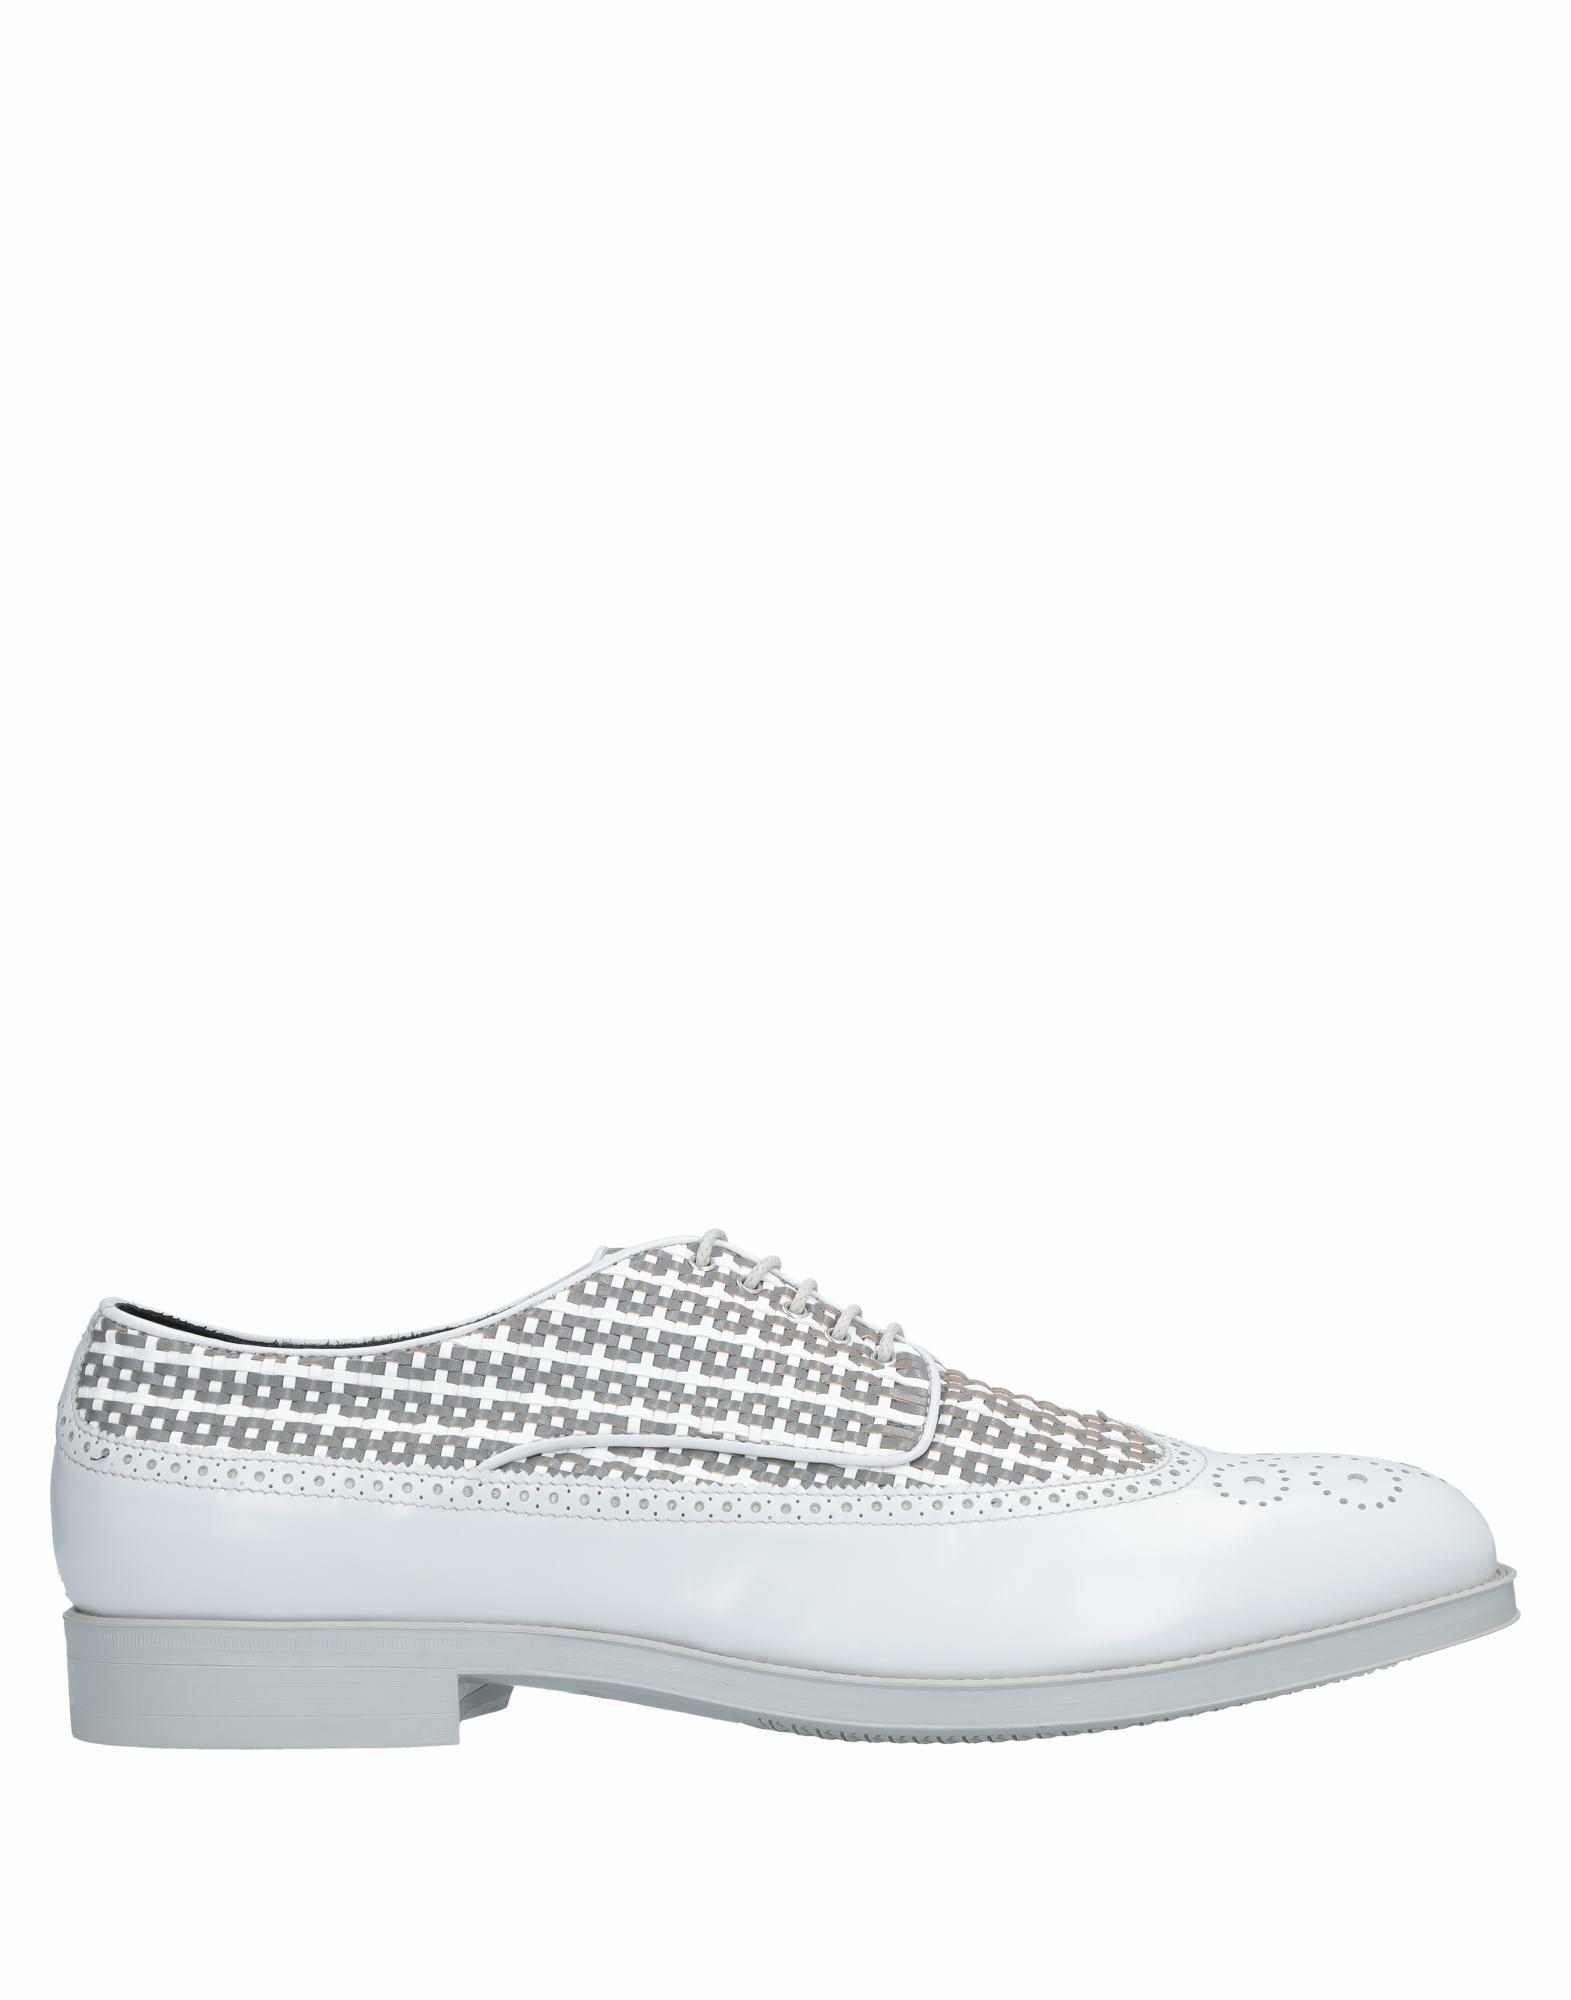 Alberto Guardiani Schnürschuhe Herren  11537553IR Gute Qualität beliebte Schuhe